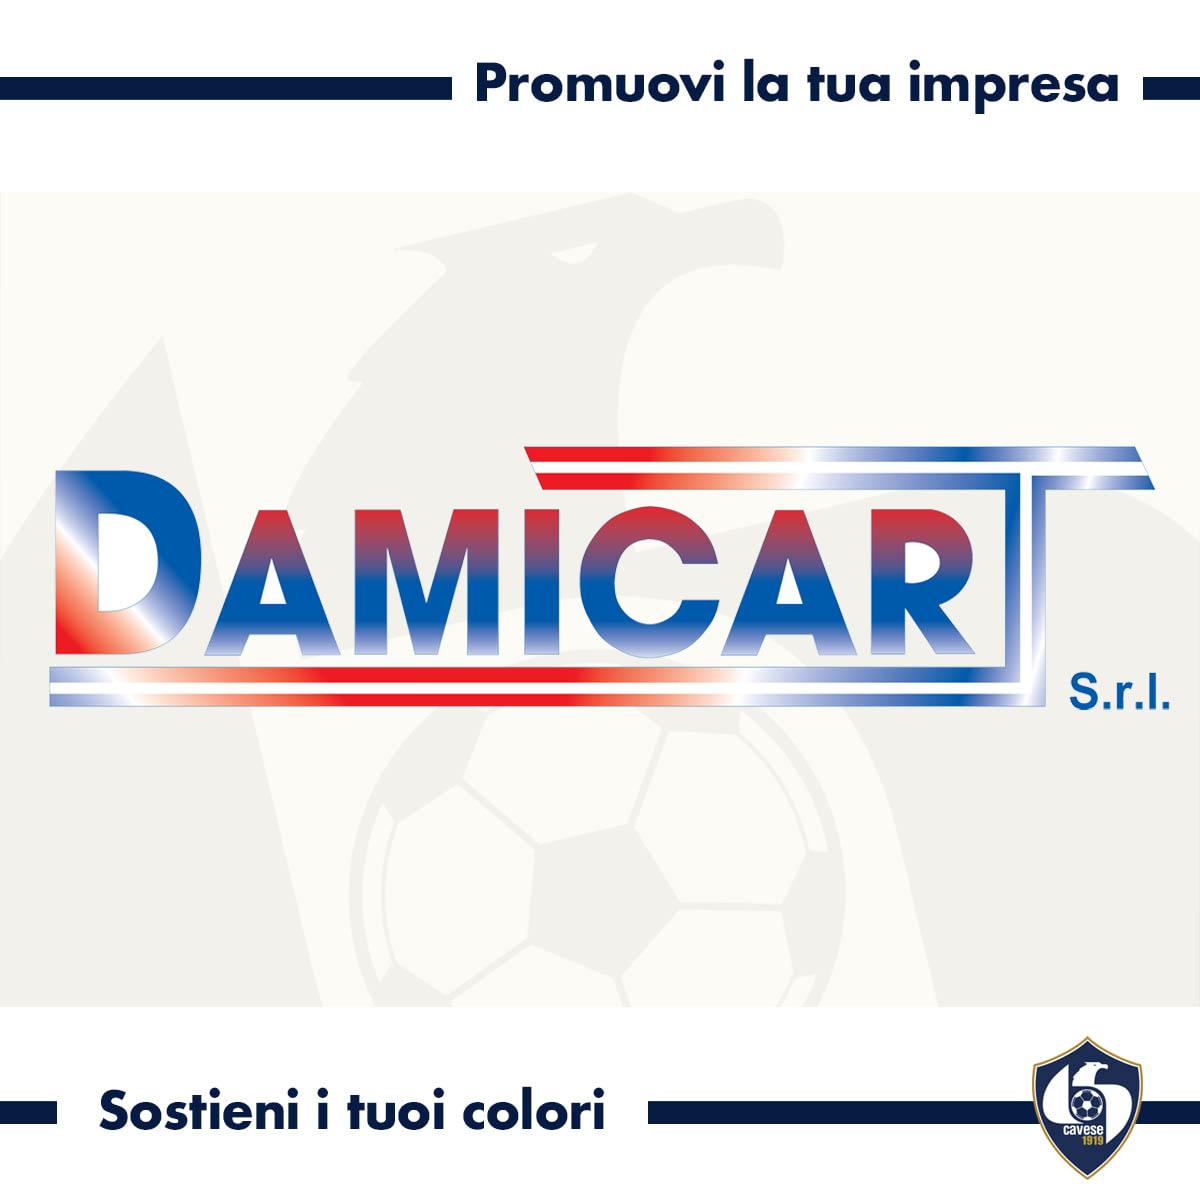 Damicart, specializzati nel commercio di articoli per feste, scuola, ufficio, bomboniere, bar, pasticceria e tanto altro ancora